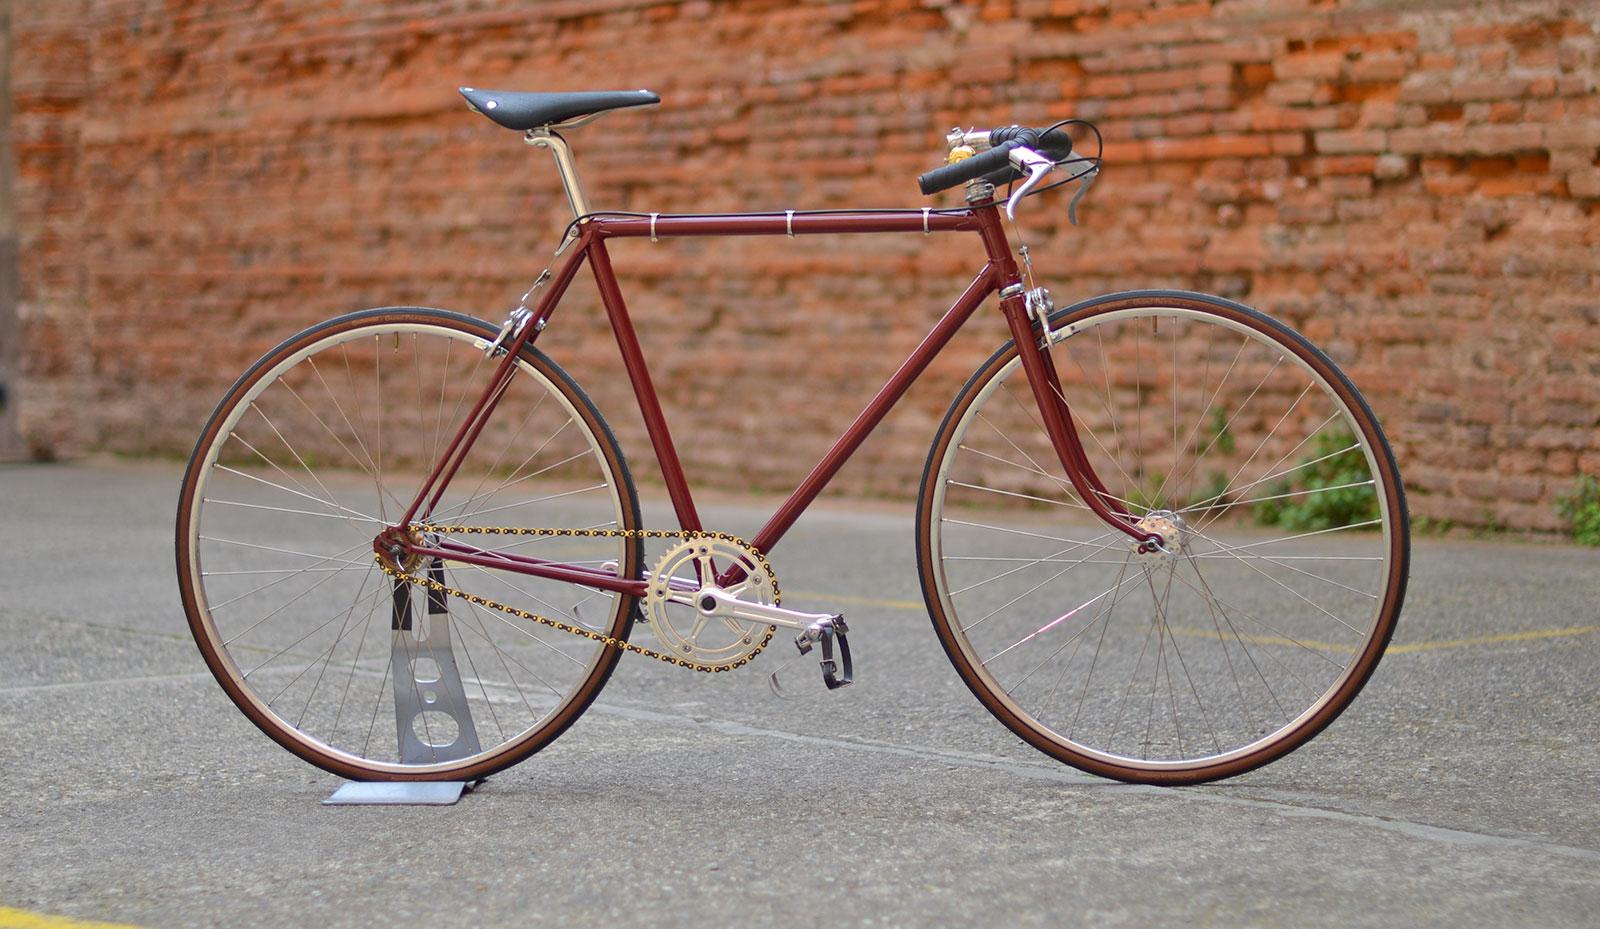 Velo Vintage Cafe Racer